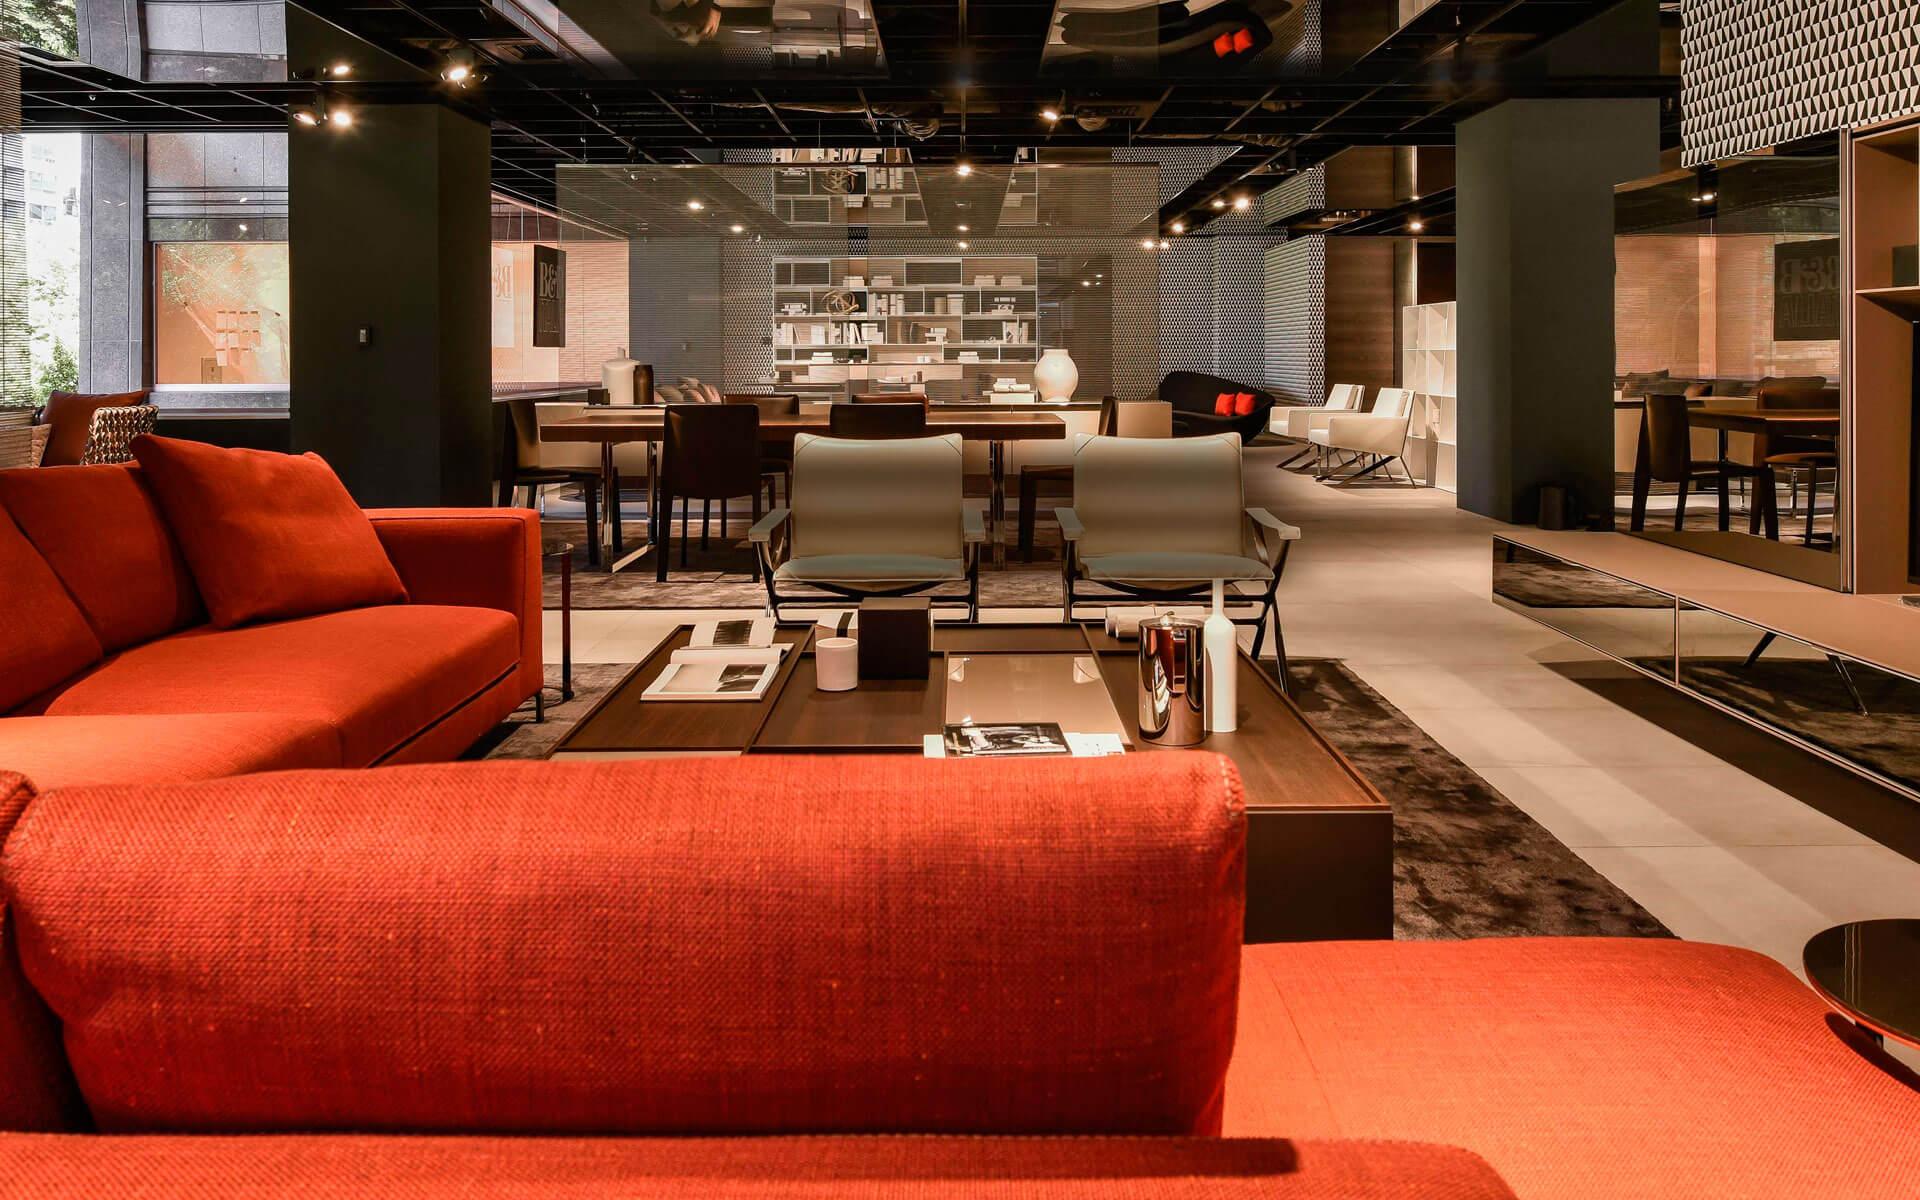 Tienda De Muebles De Dise O Italiano ~ Tiendas De Muebles De Diseño En Madrid